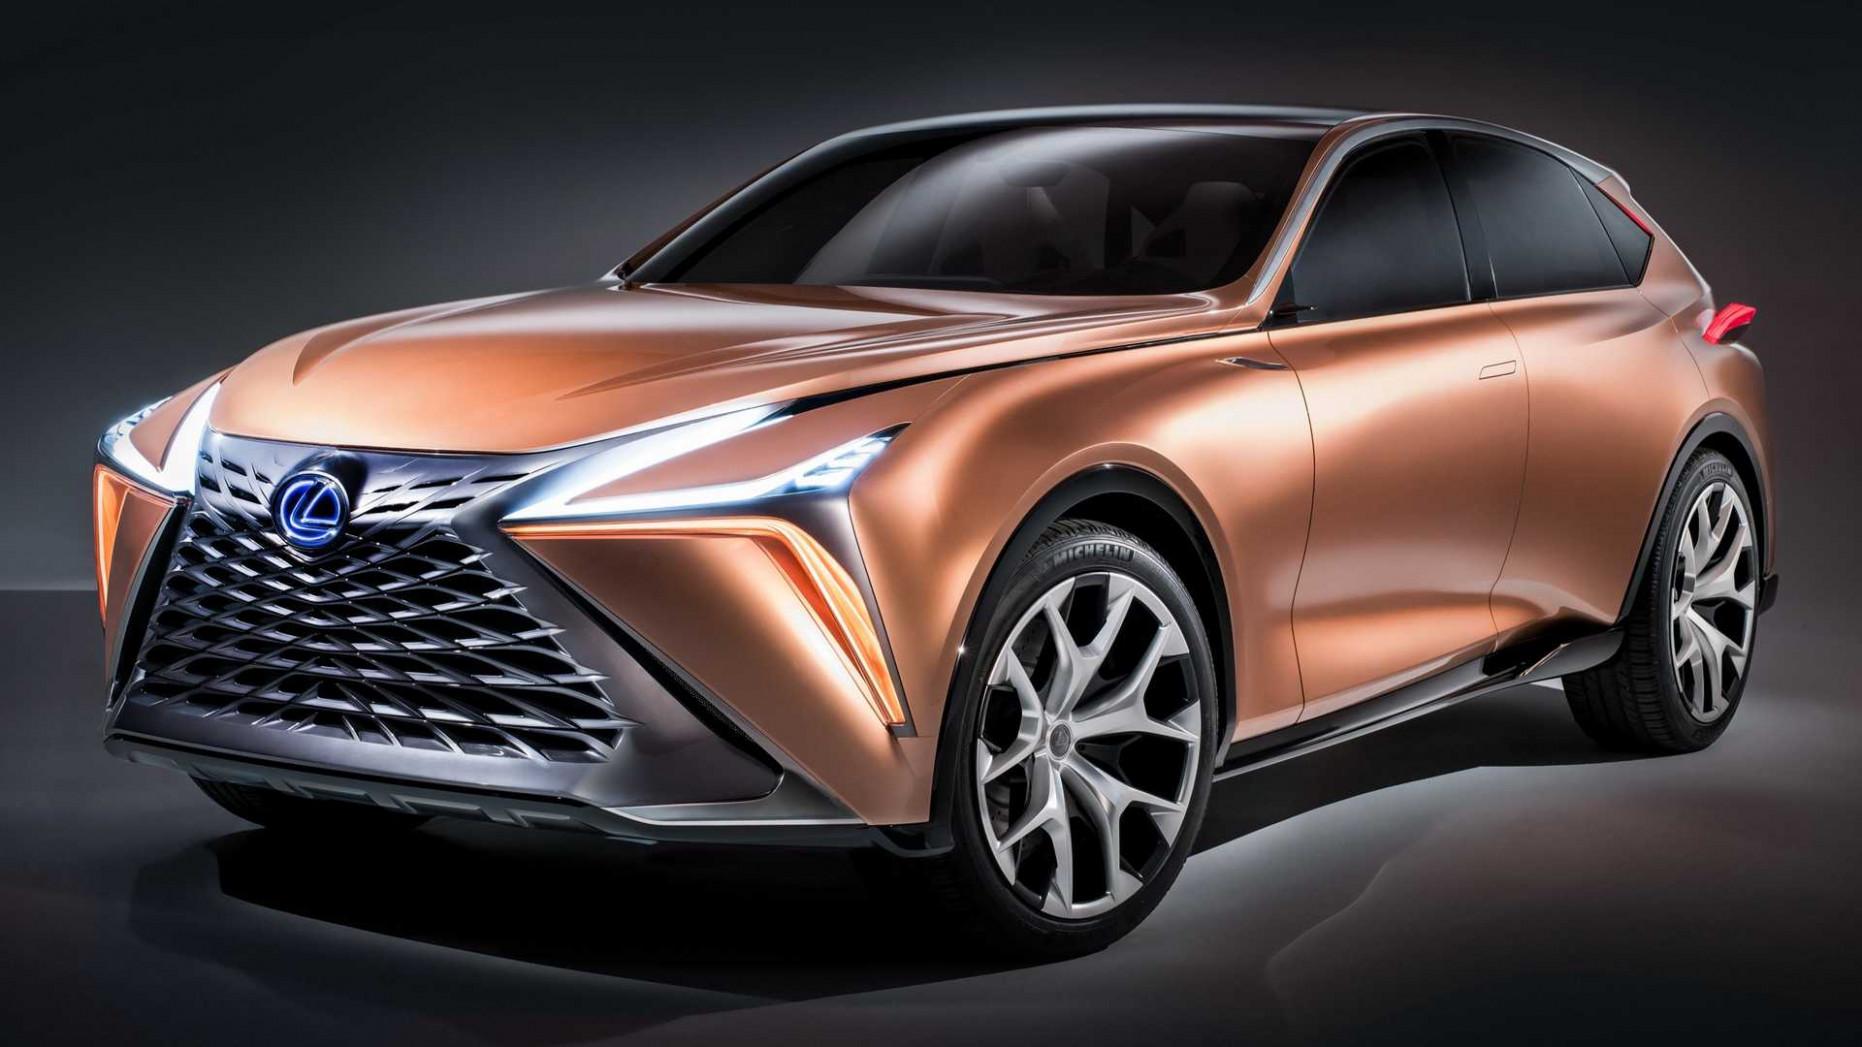 Concept Lexus Gs 2022